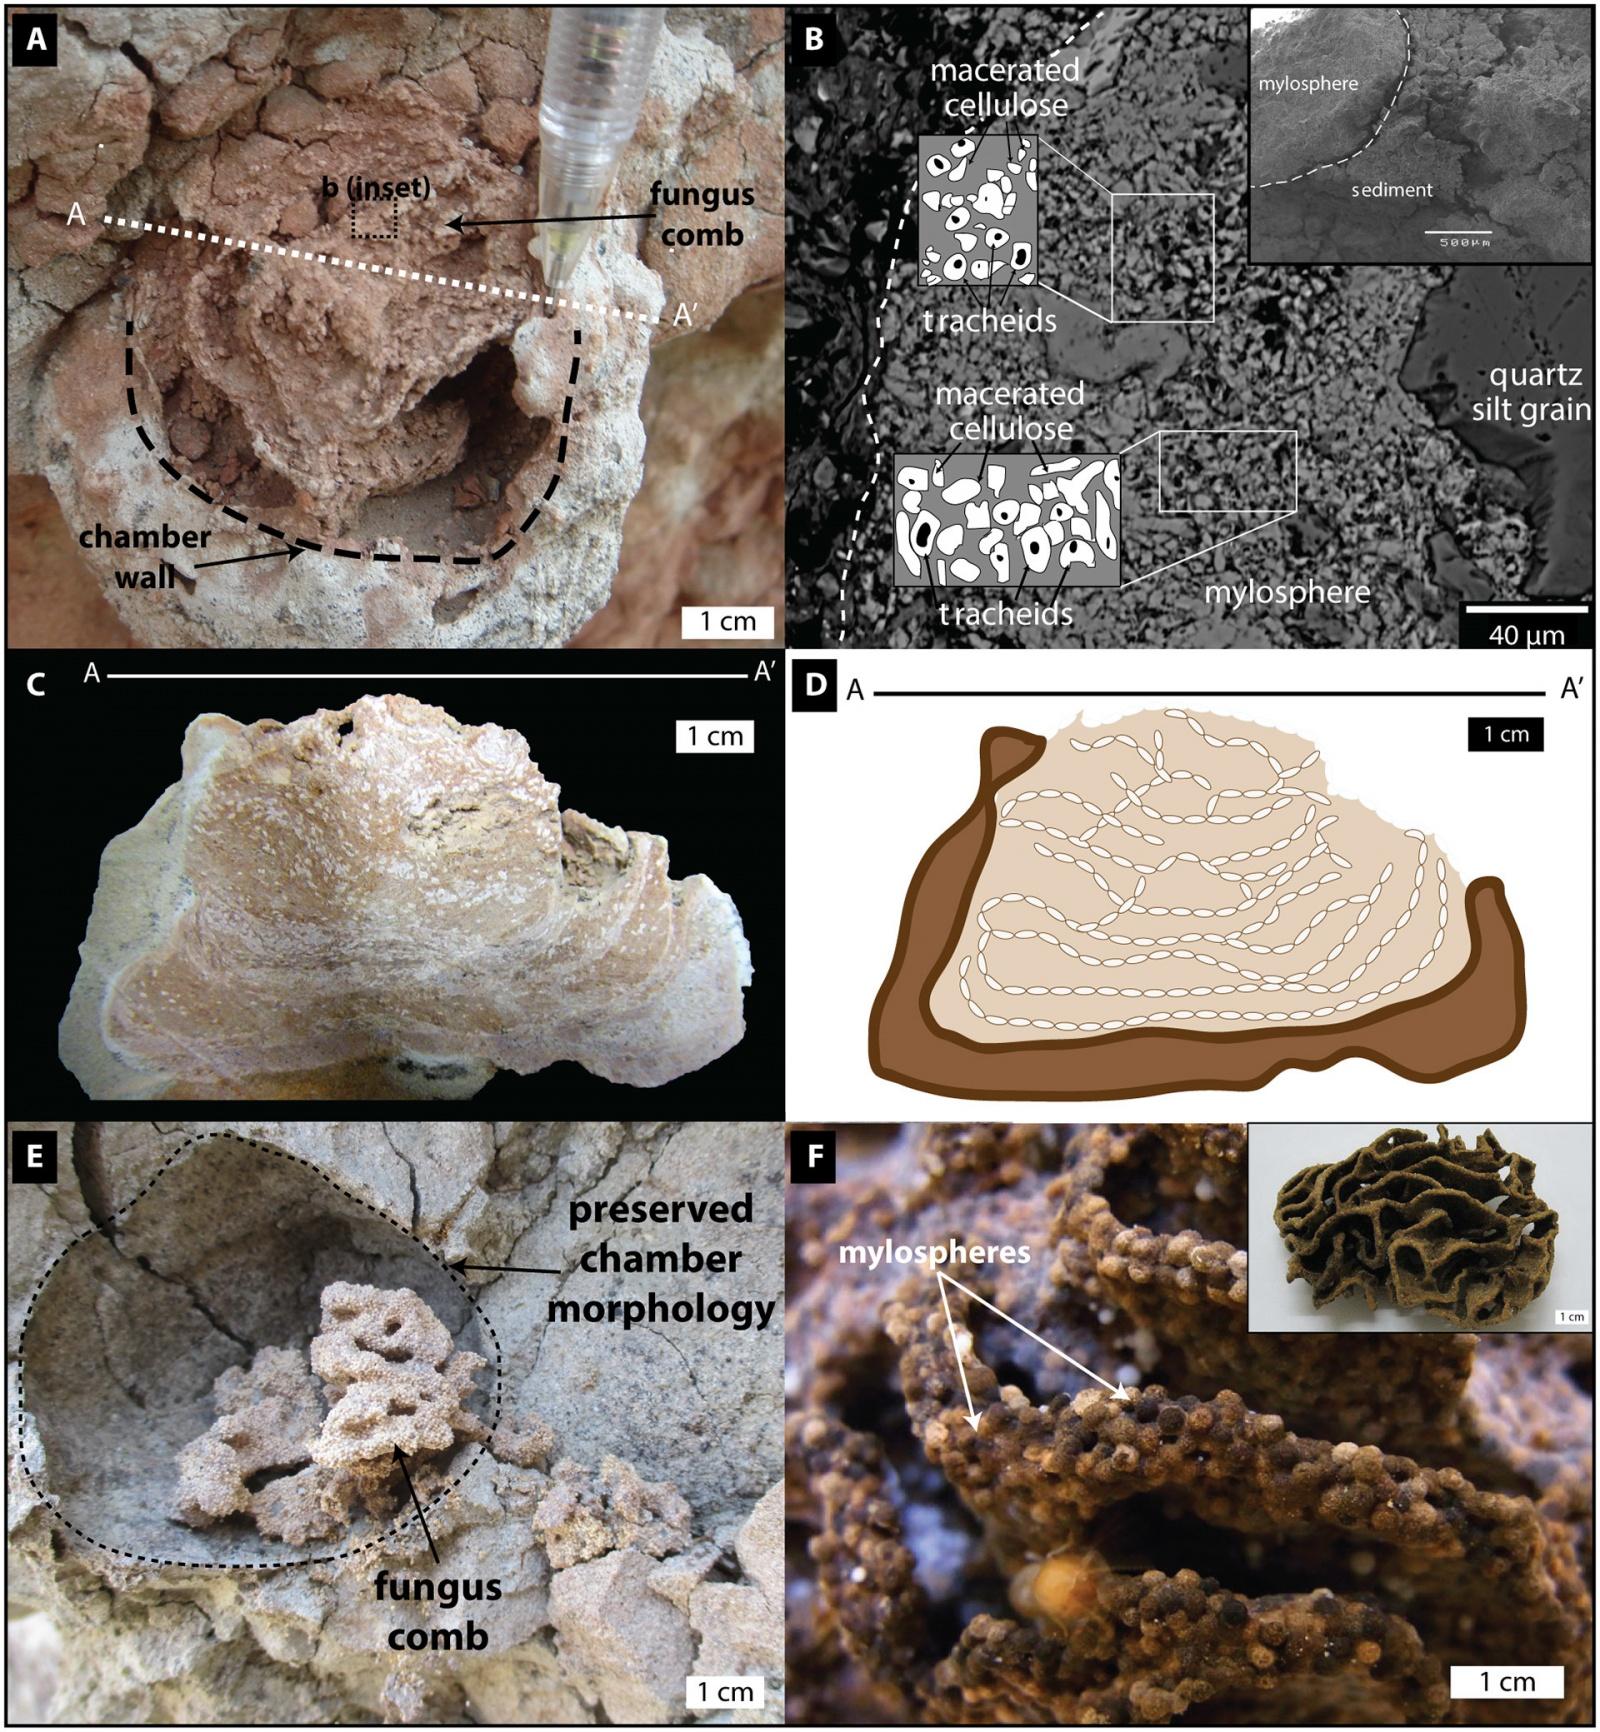 Термиты освоили сельское хозяйство на 25 млн лет раньше людей - 2